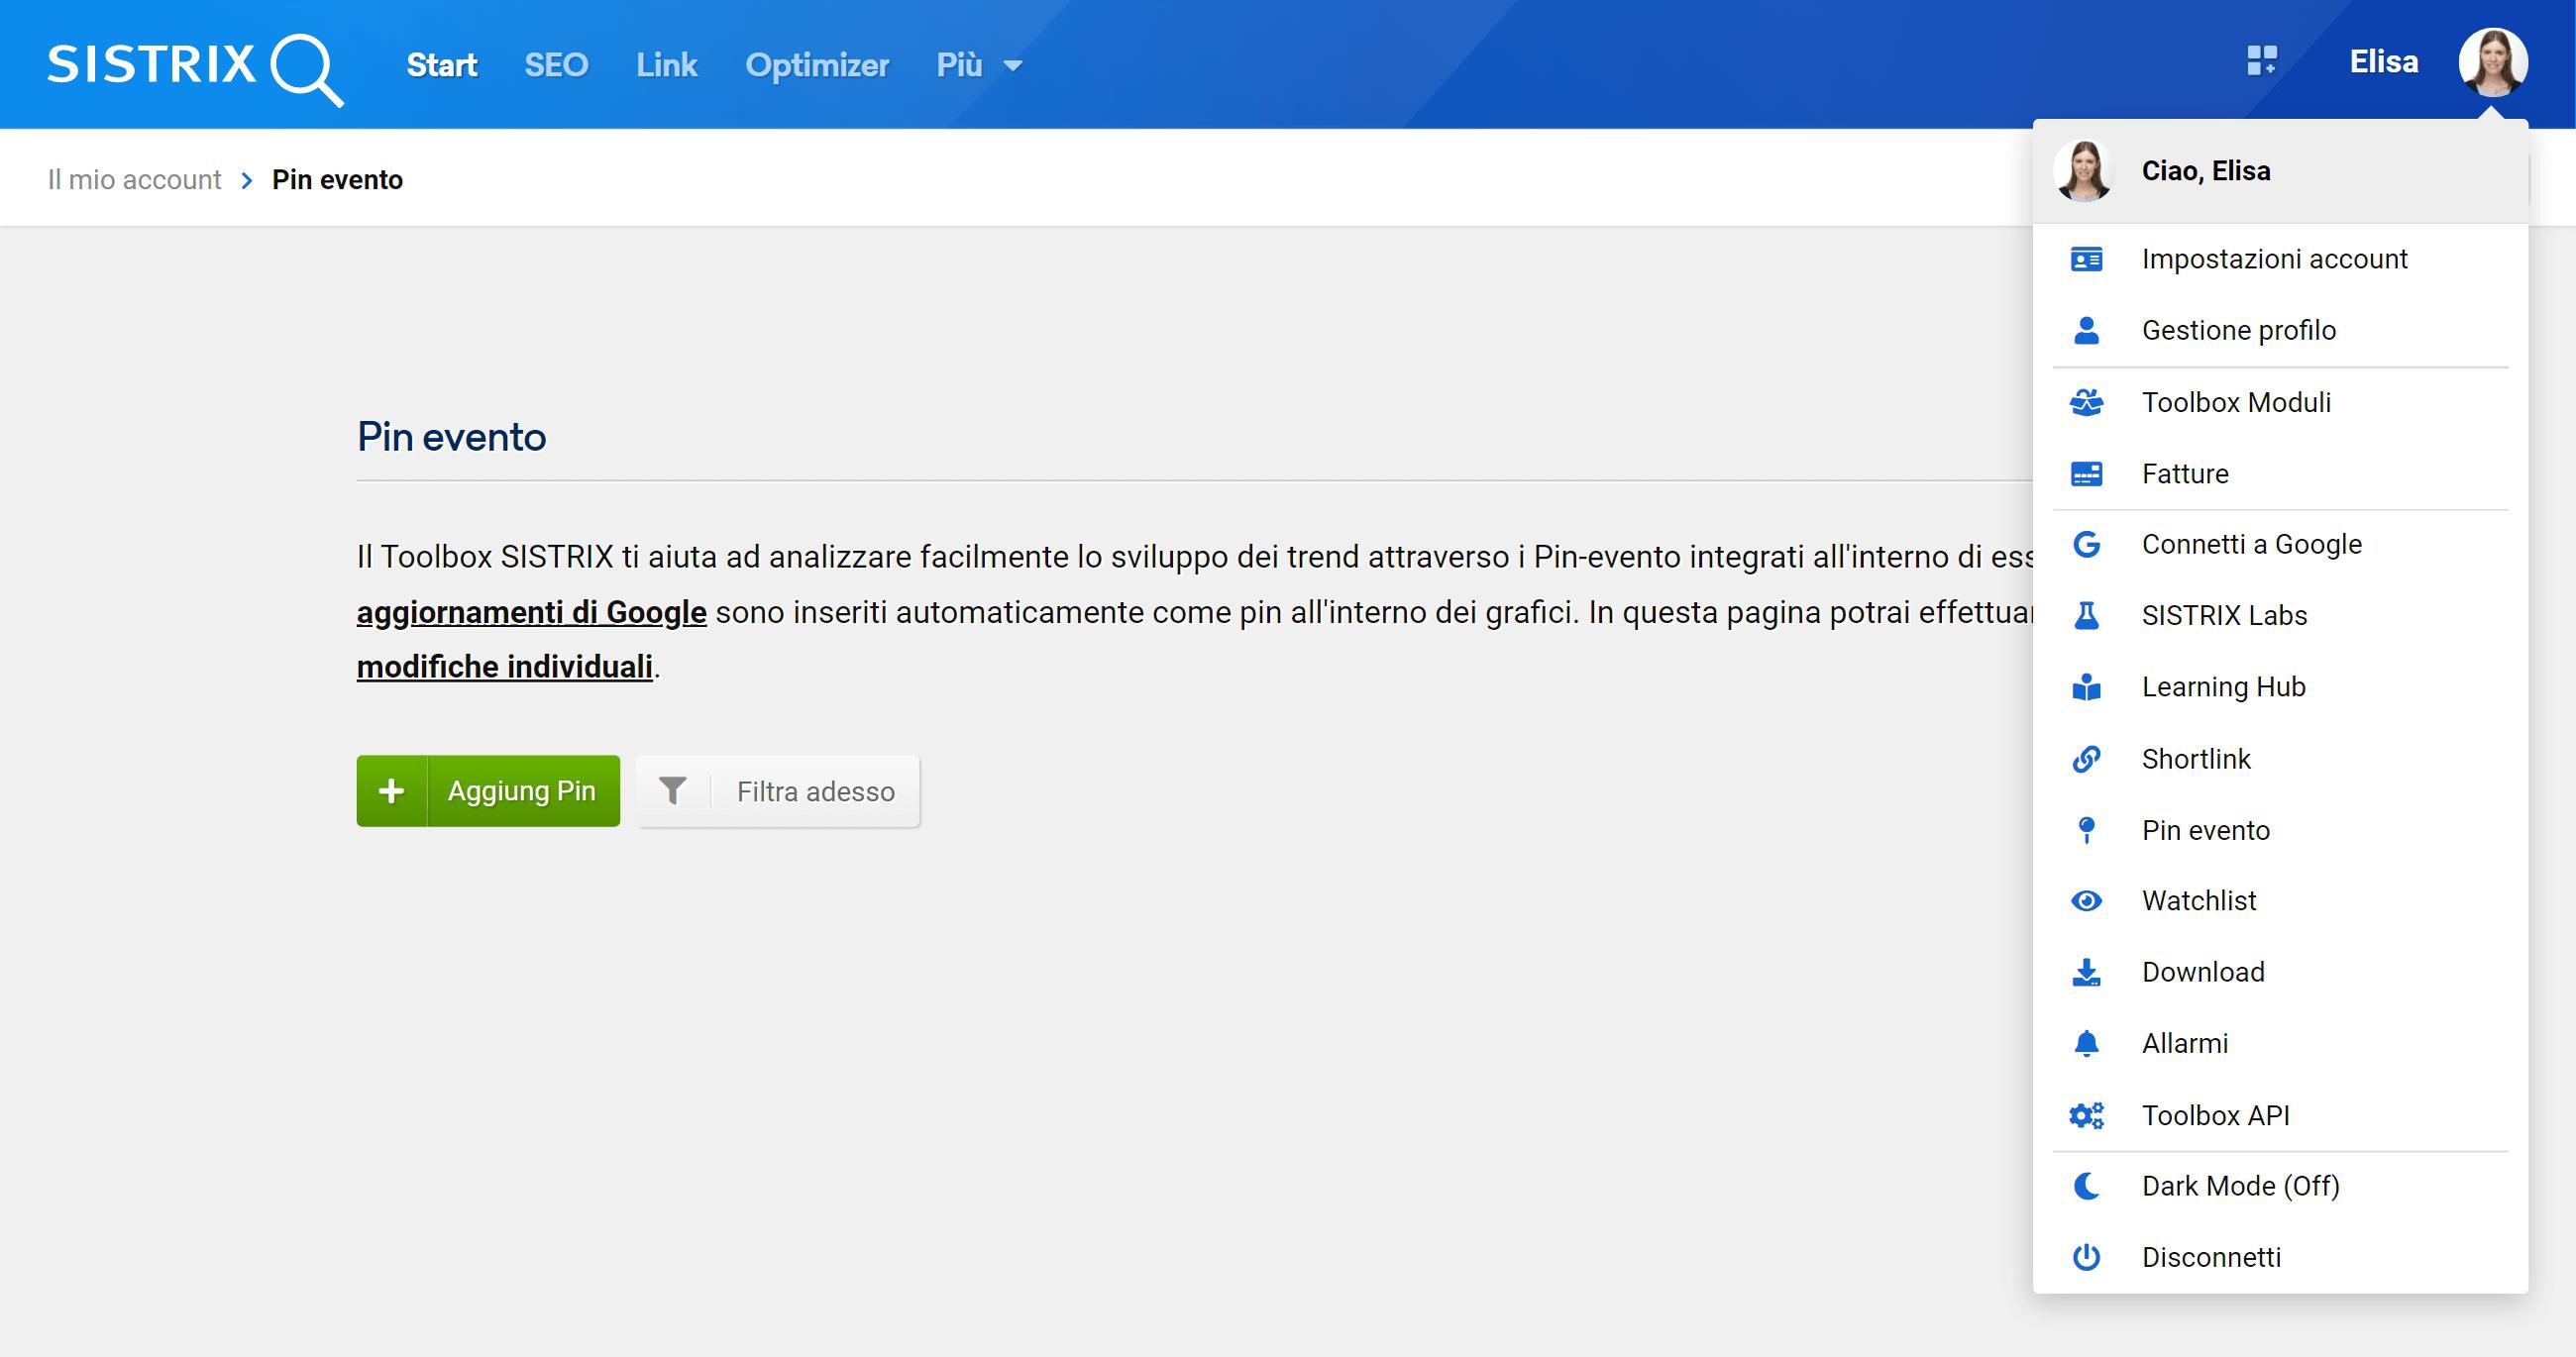 Come creare un pin evento su SISTRIX